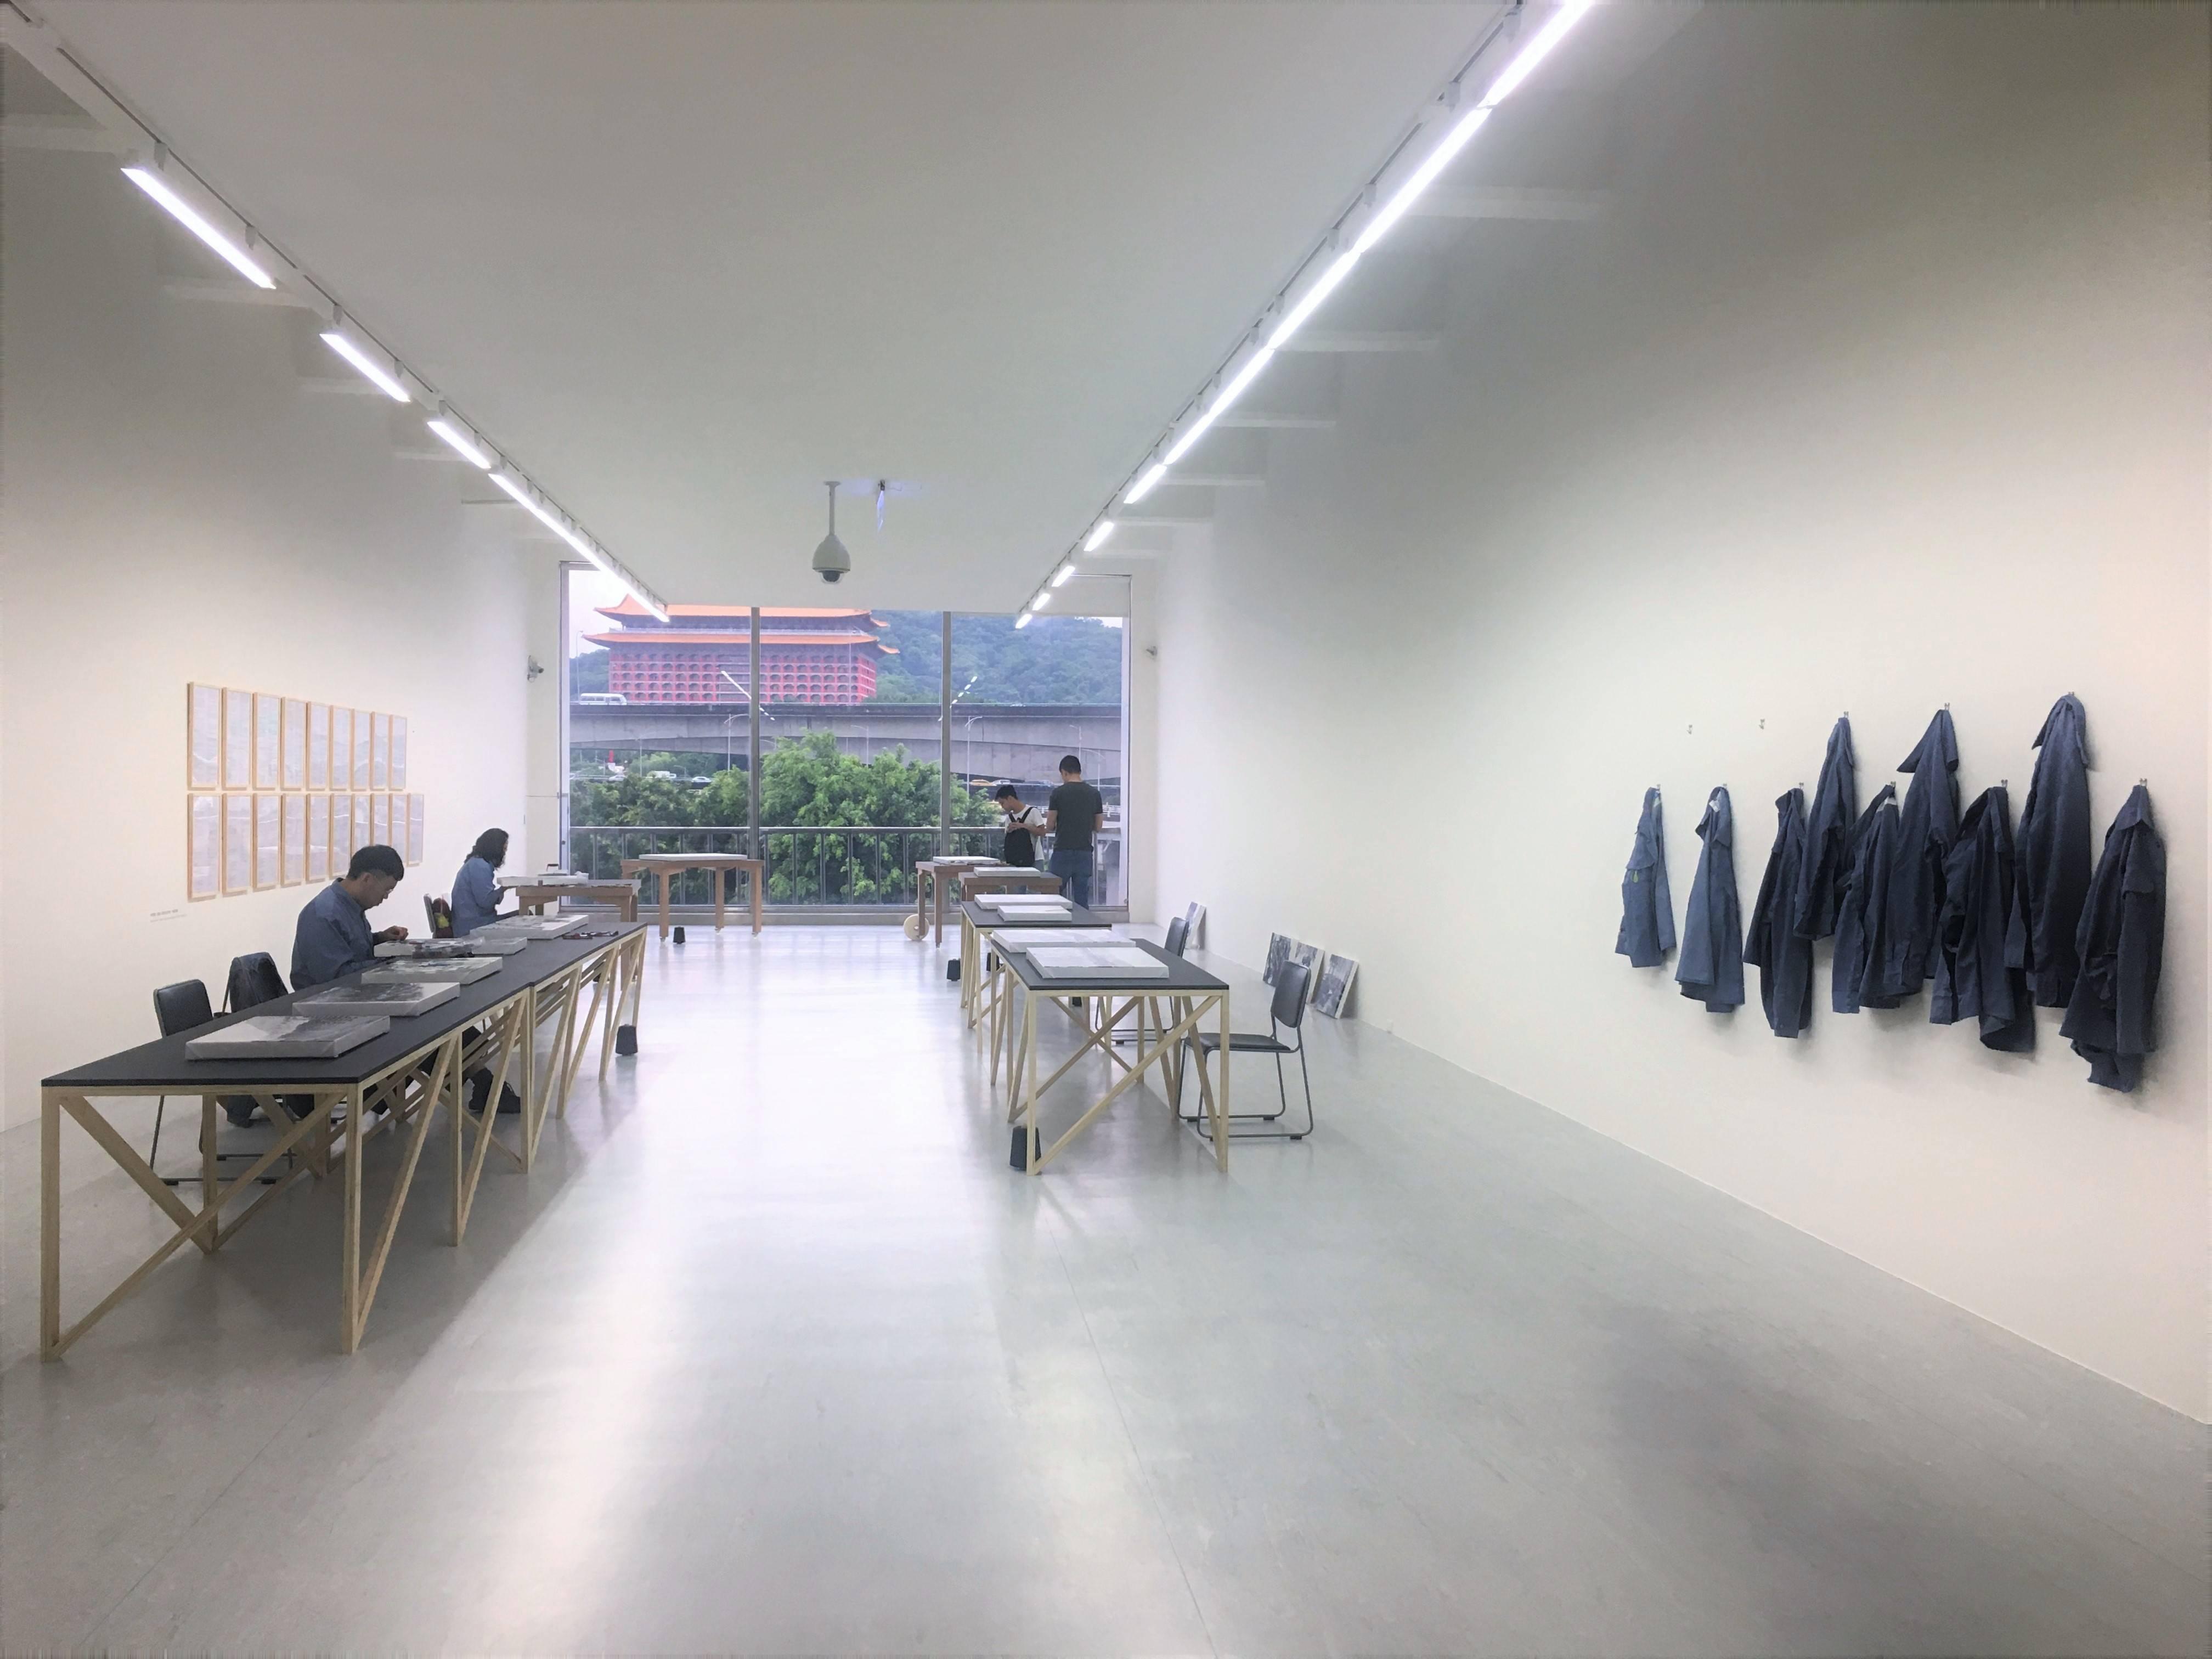 【冷鍊】侯怡亭個展 展覽現場實紀。